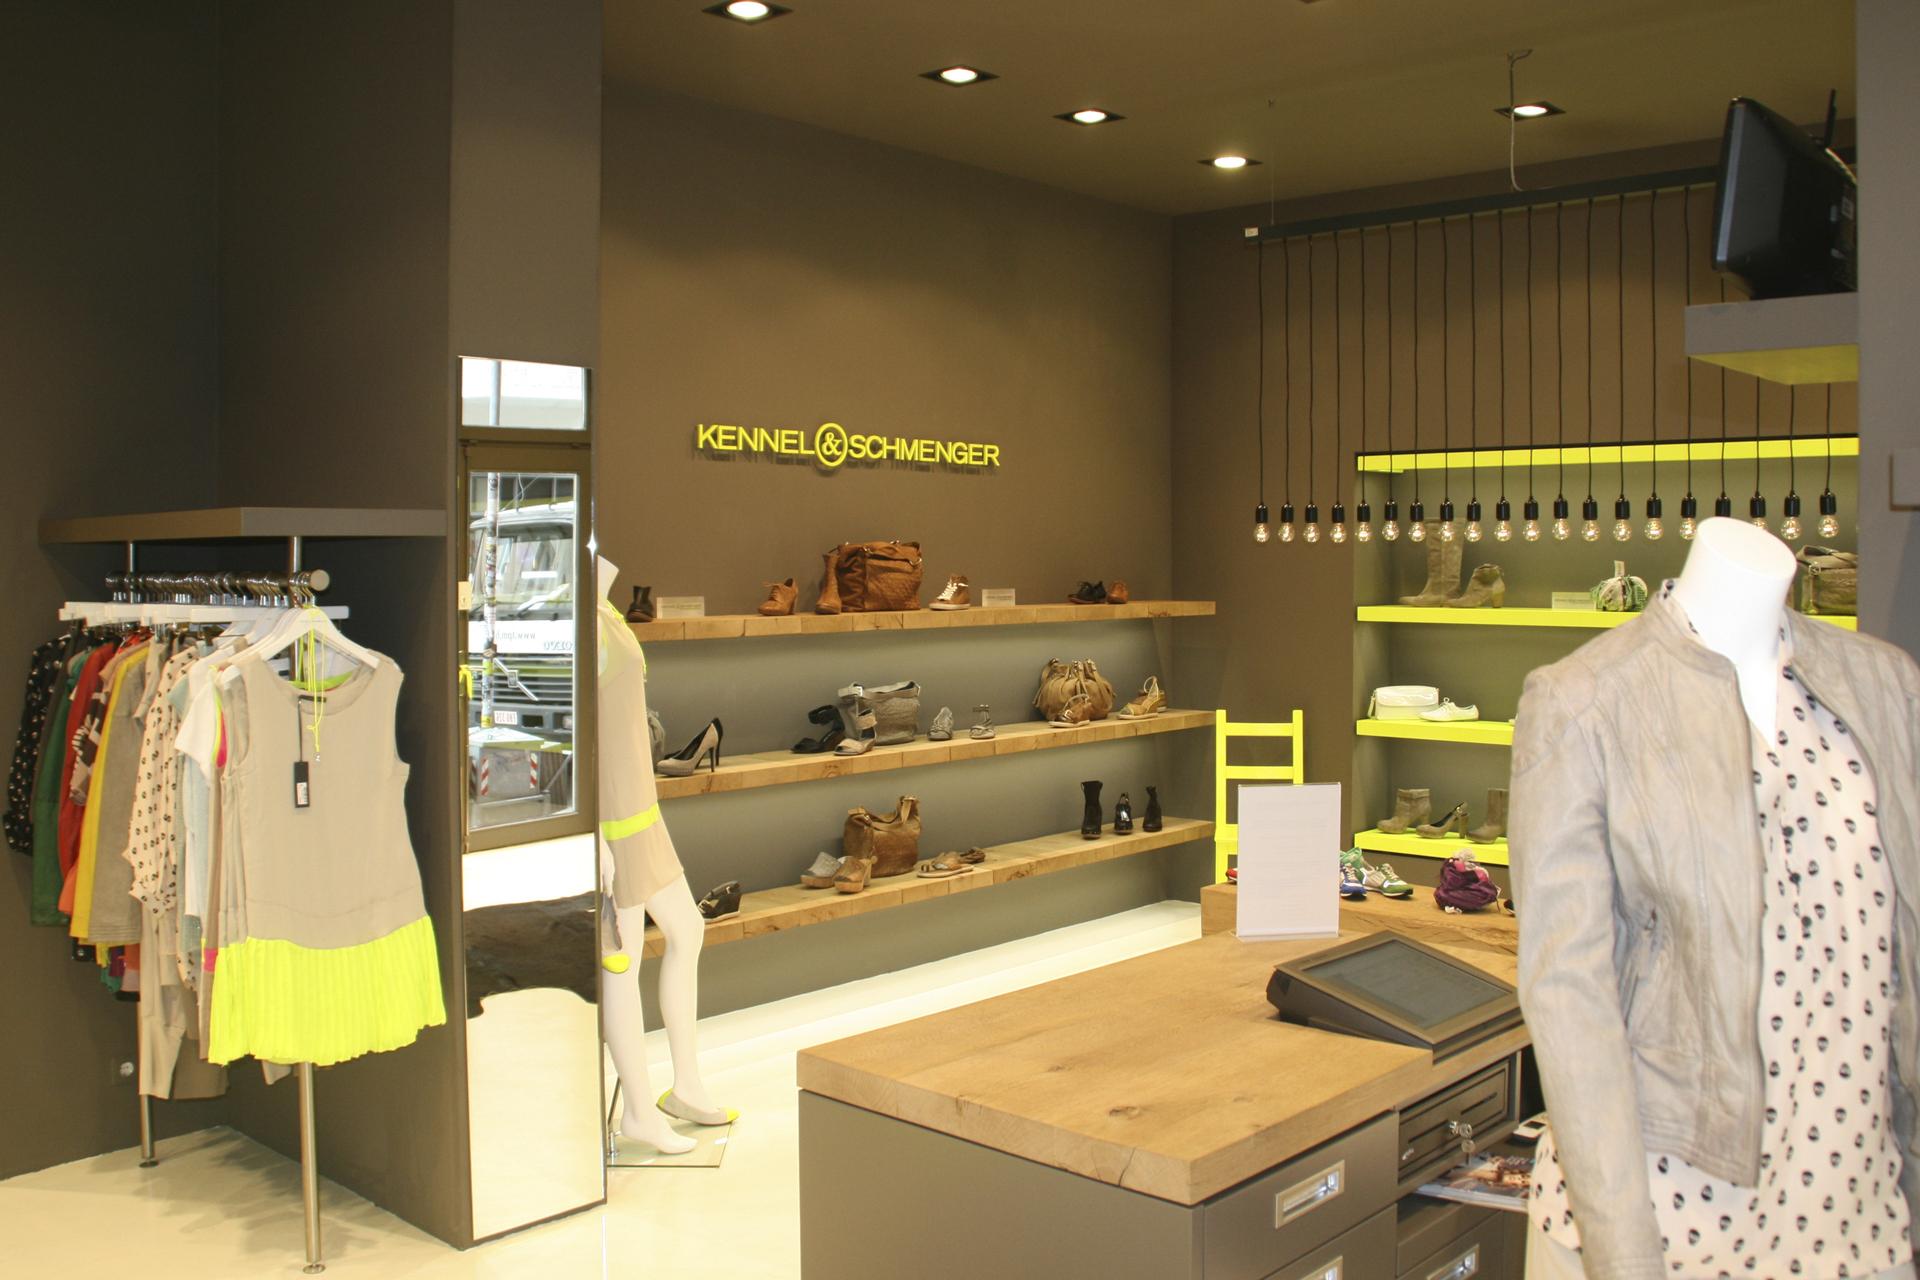 tischlerei-decker-shop-kennel-schmenger-shop-uebersicht